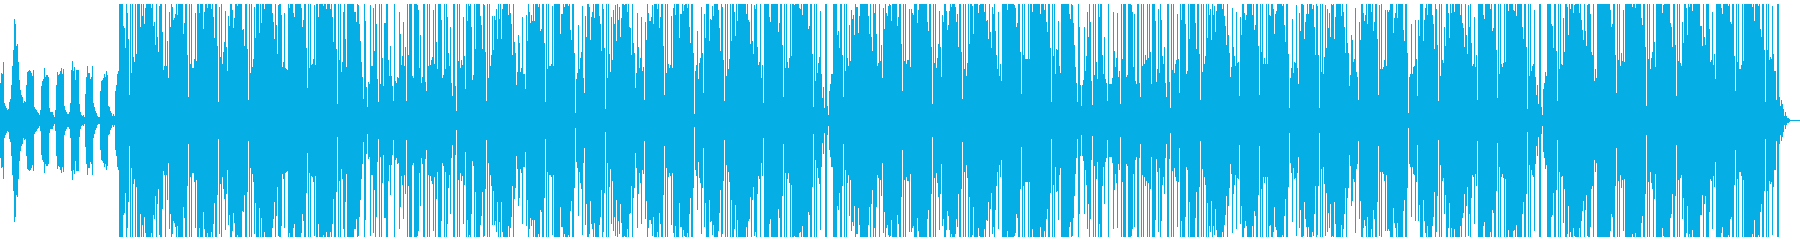 優しい重低音トラップビートの再生済みの波形